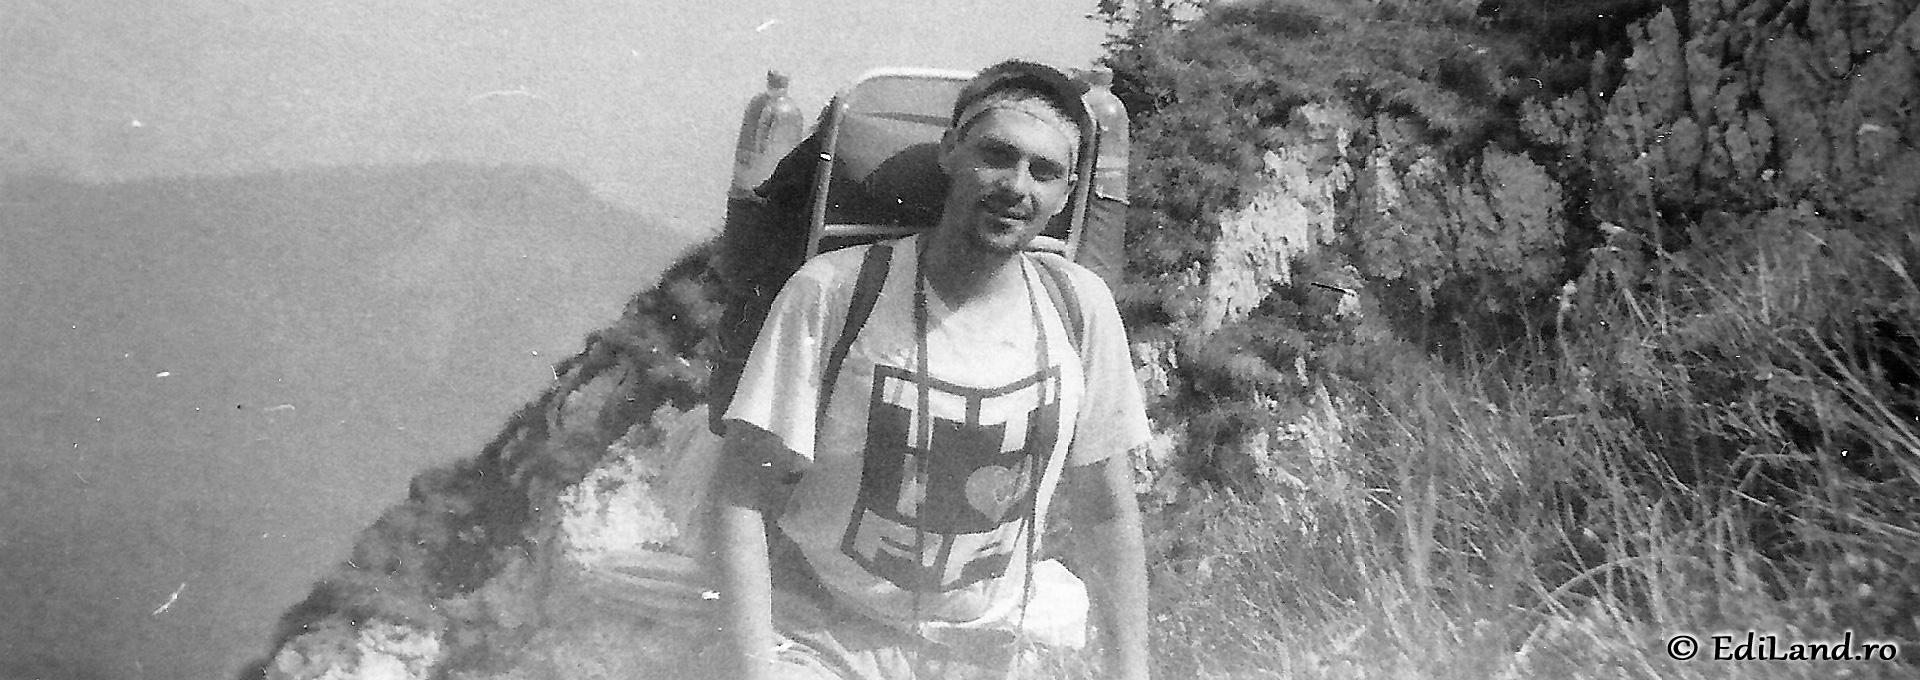 Vremuri… între Crai și Făgăraș, 1991